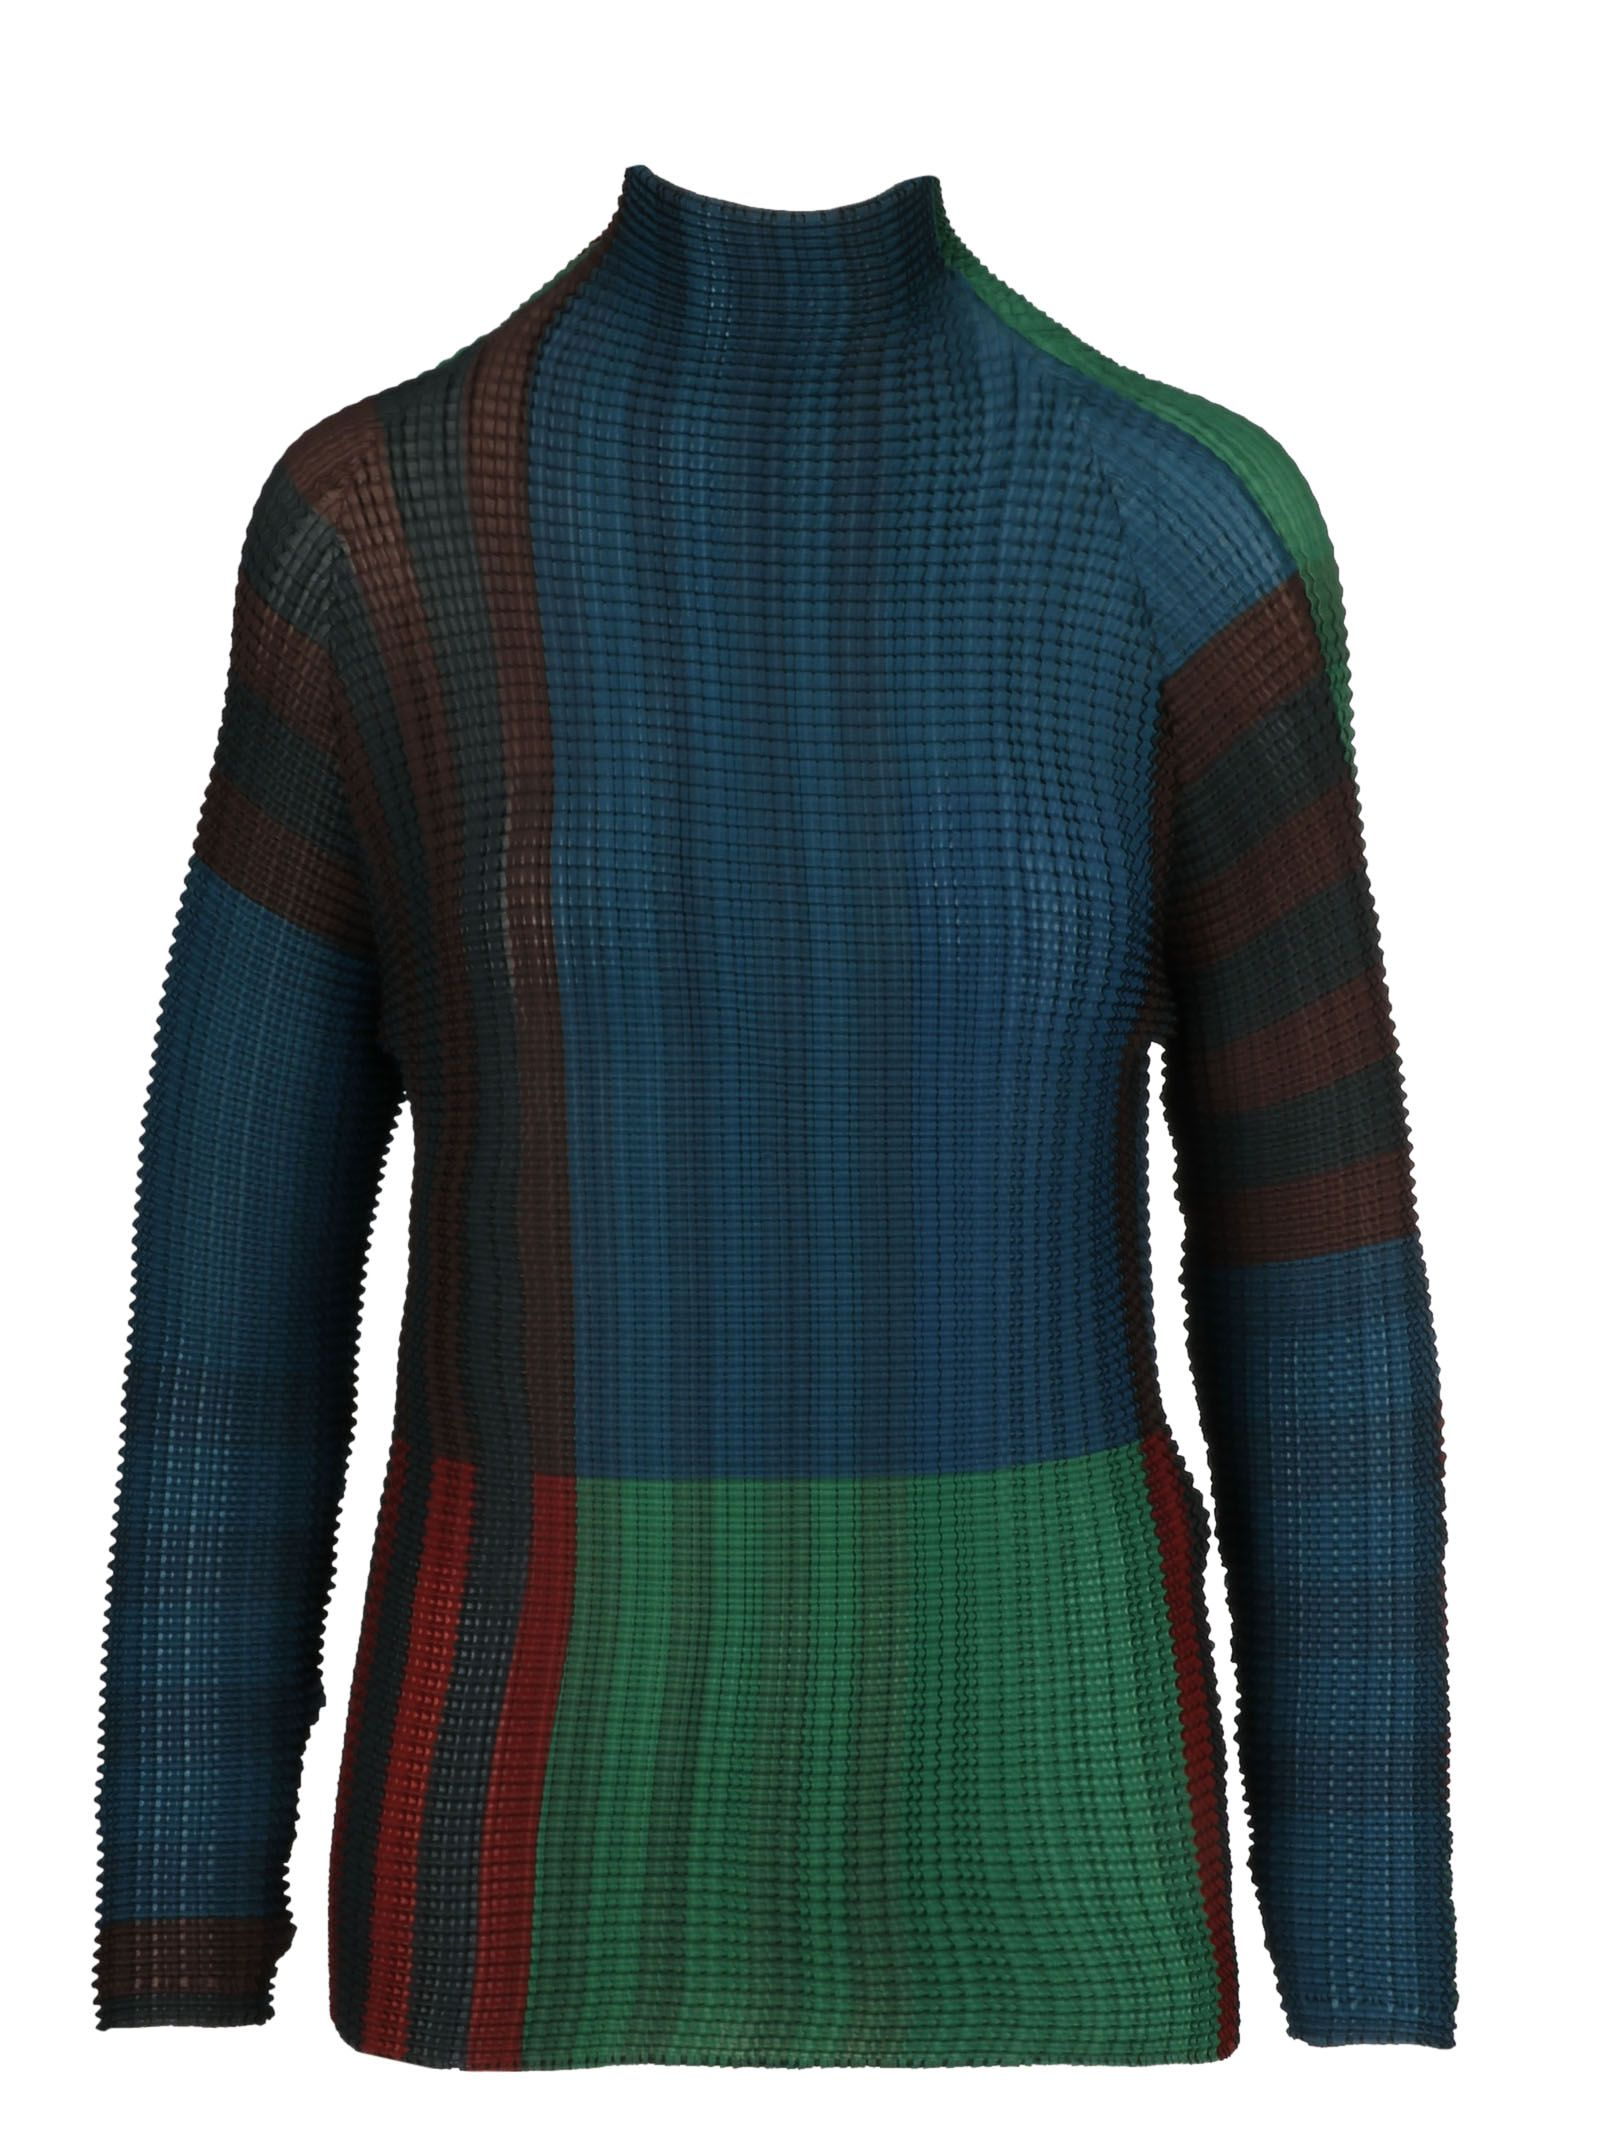 Issey Miyake Cauliflower Striped Sweater